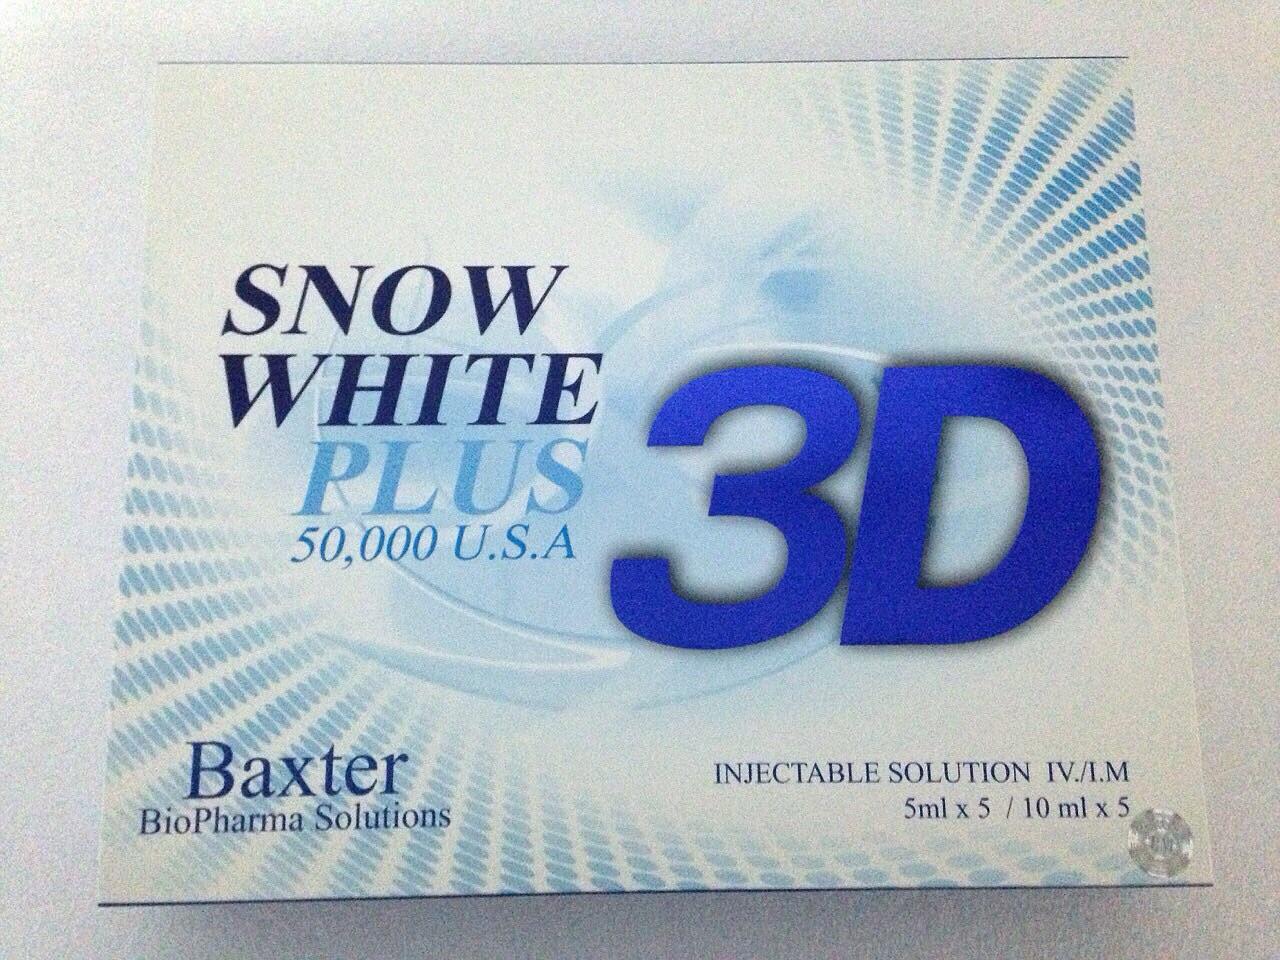 3D Snow White Plus 50,000 USA.